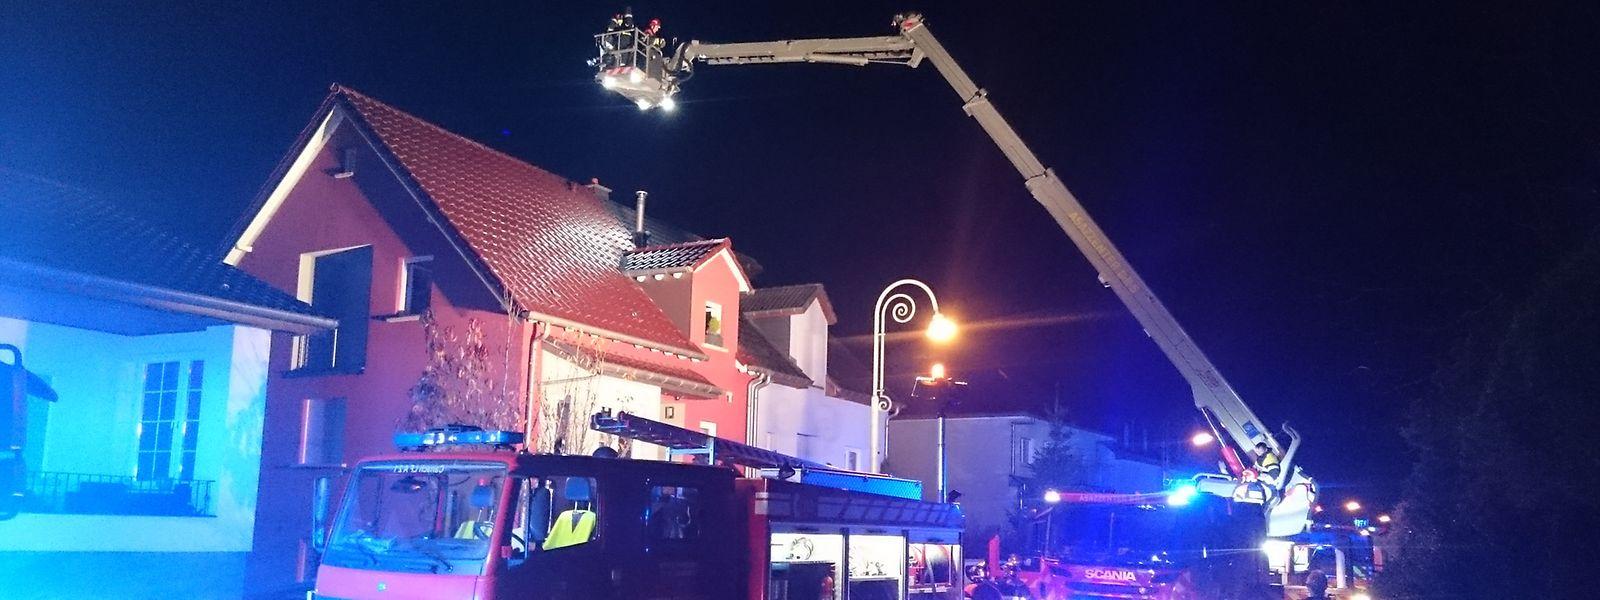 Die Feuerwehr musste die Kaminverkleidung abtragen.